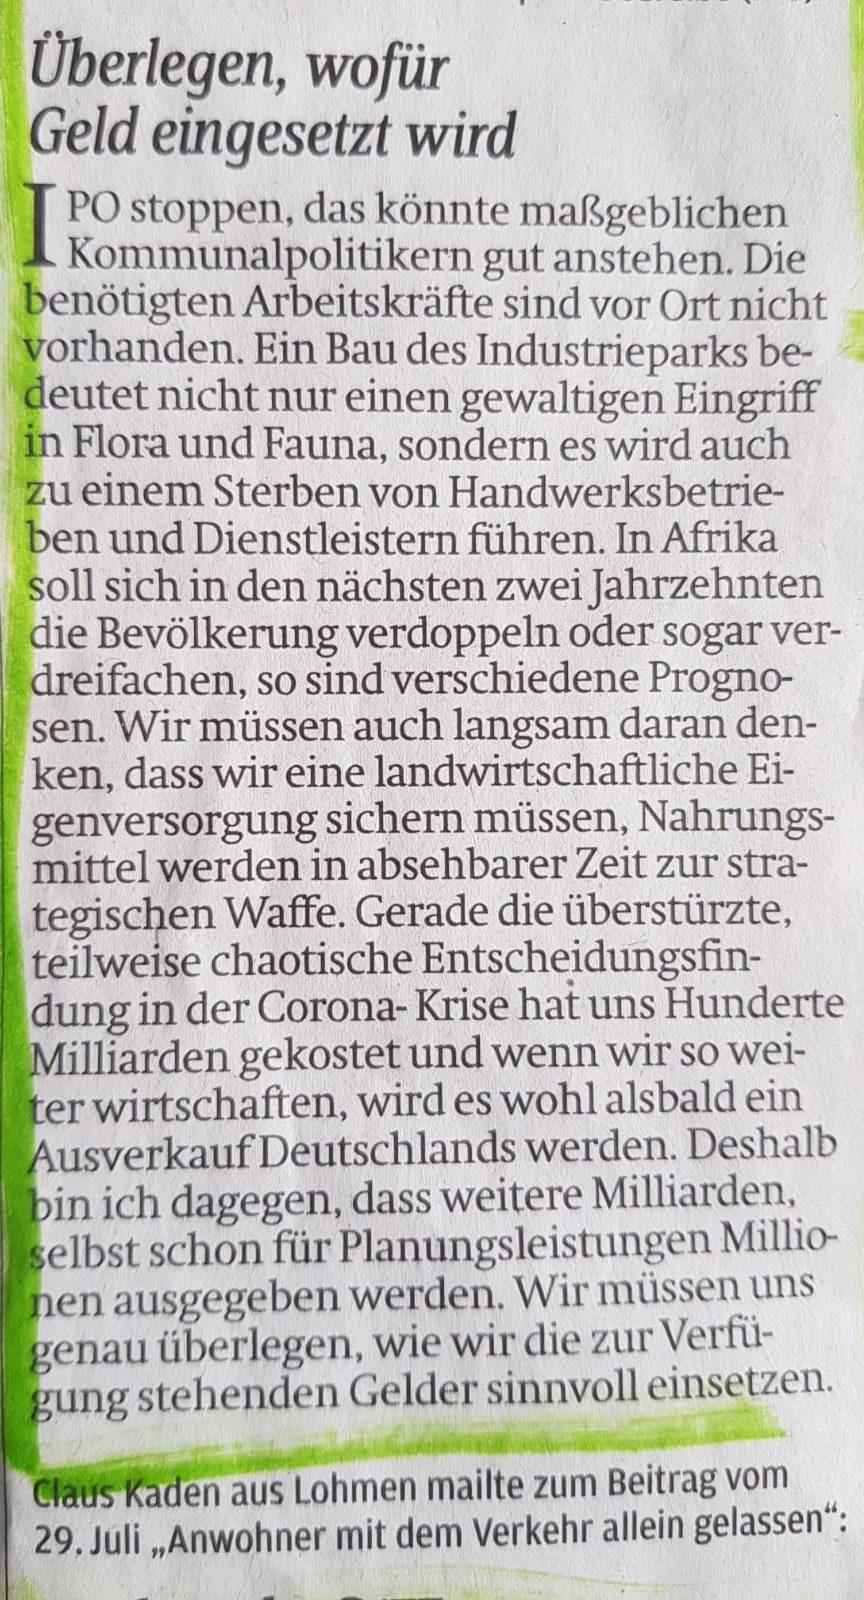 IPOstoppen - Zeitung 11